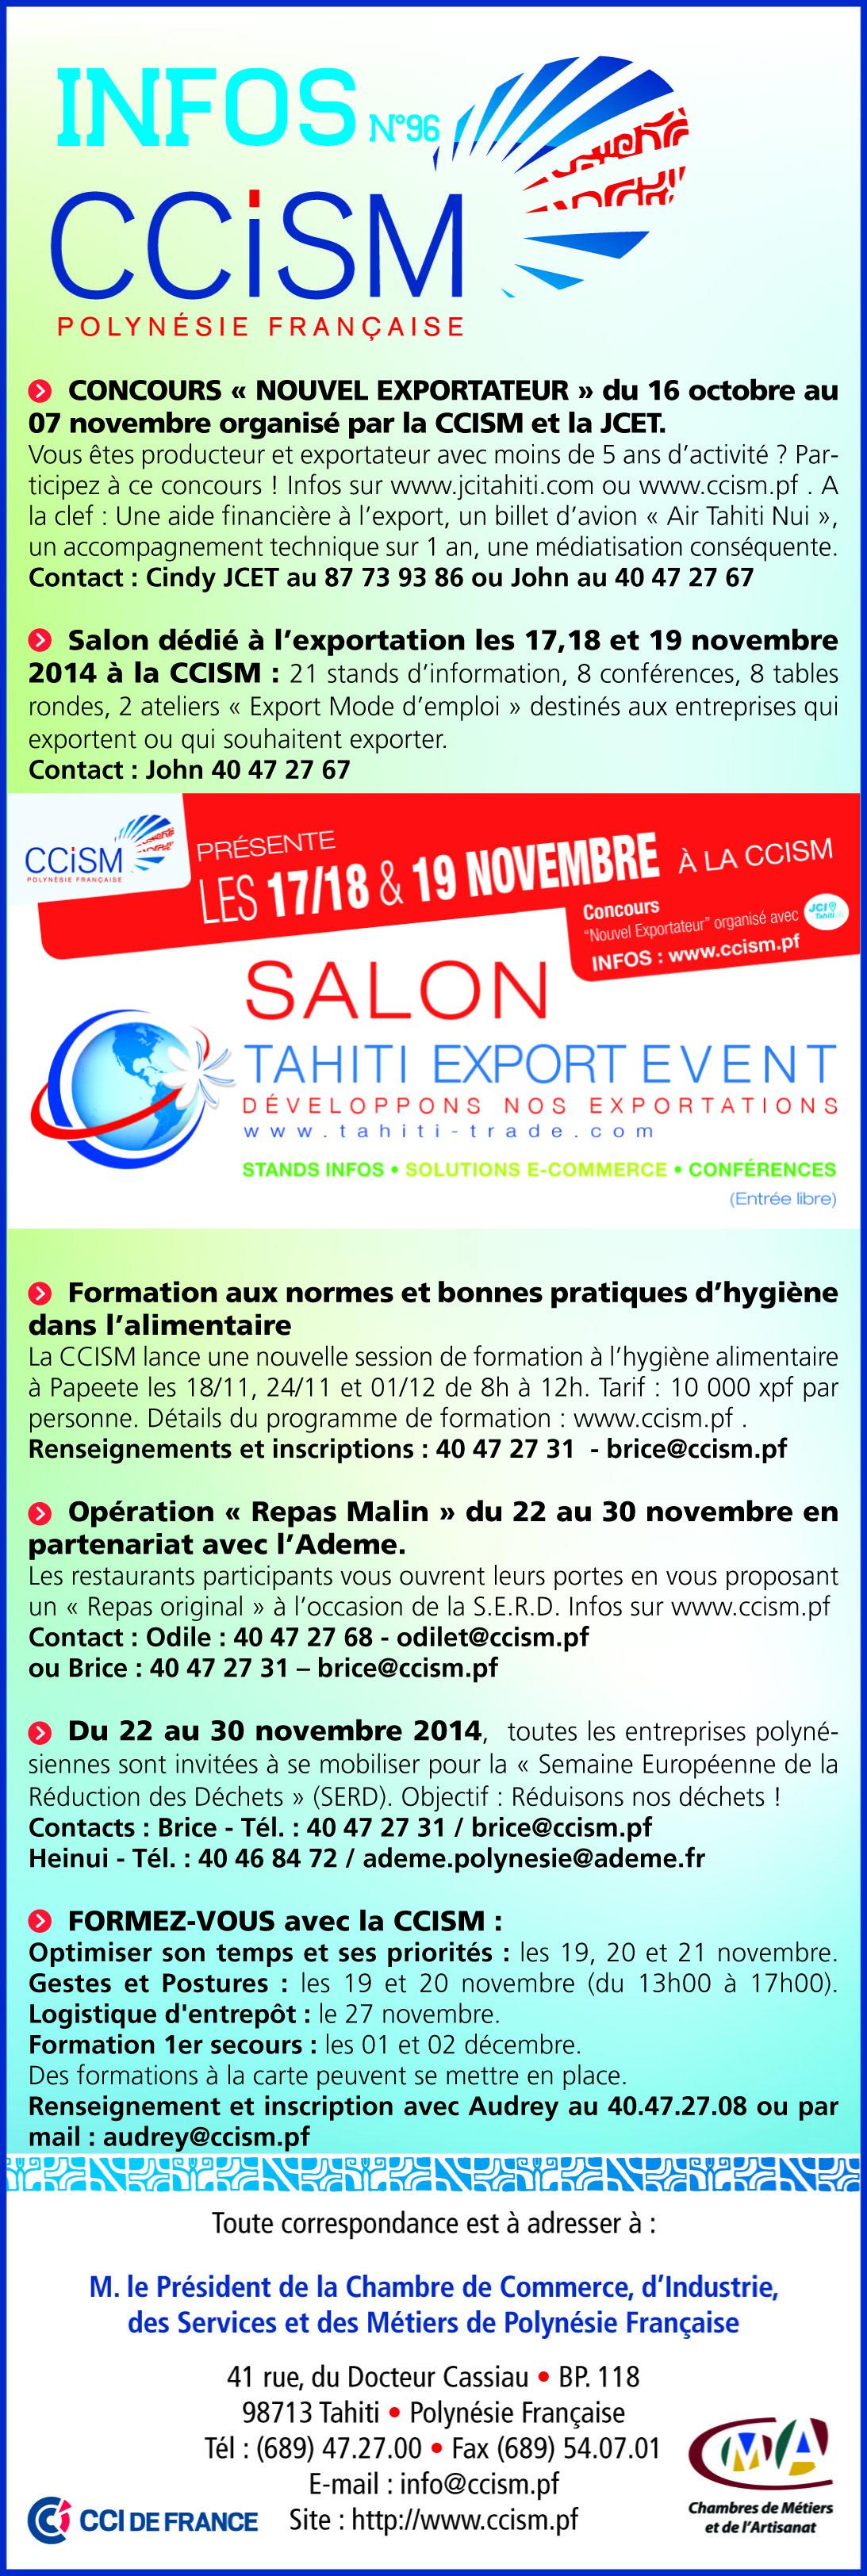 Infos CCISM N°96